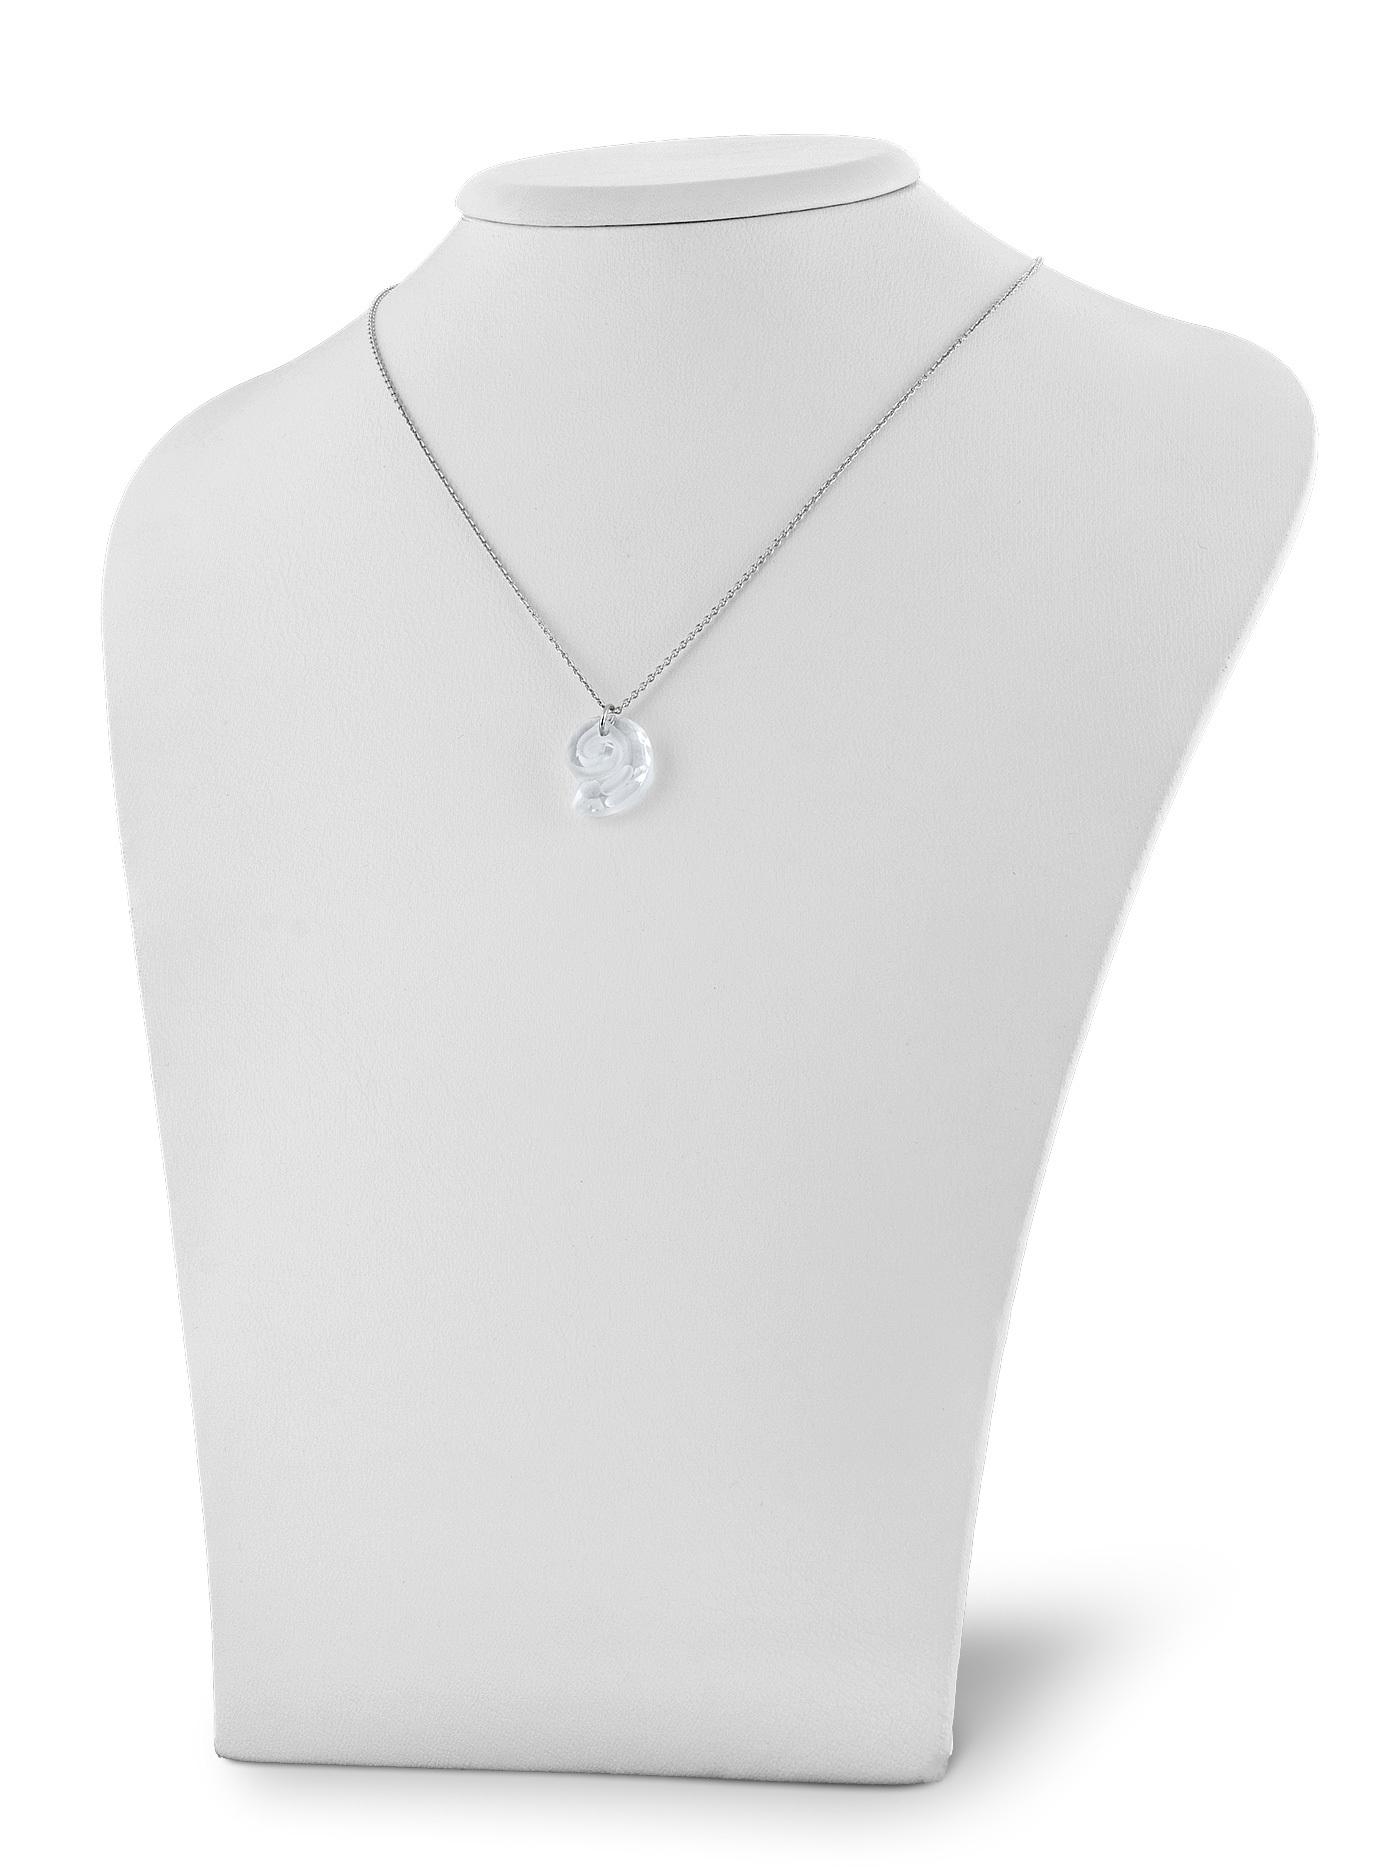 Ювелирная подвеска с премиум-кристаллом